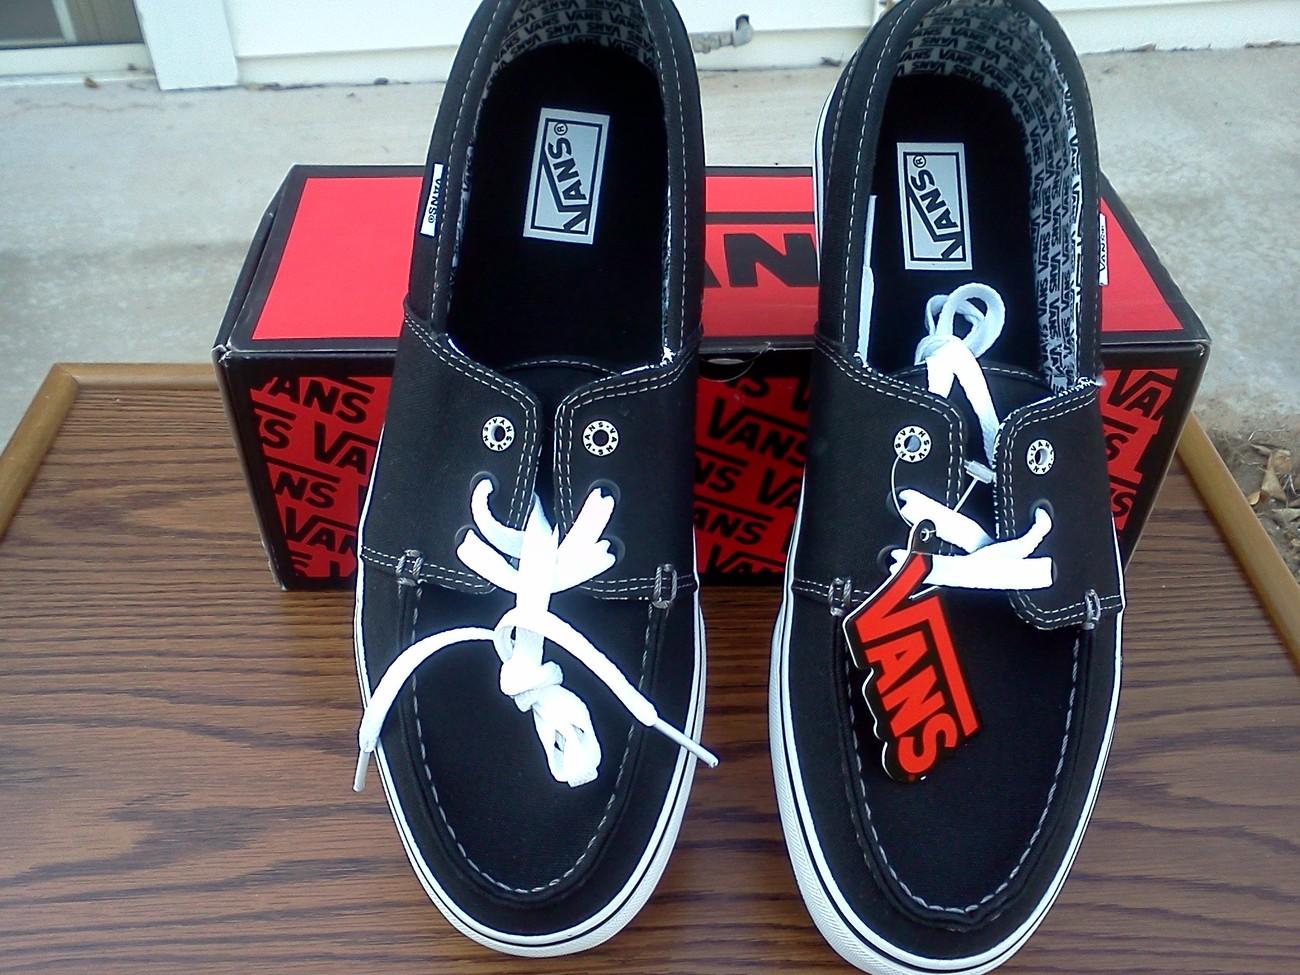 VANS Hull black/white/white Size 12, New, VANS Shoes for Men, Black Vans